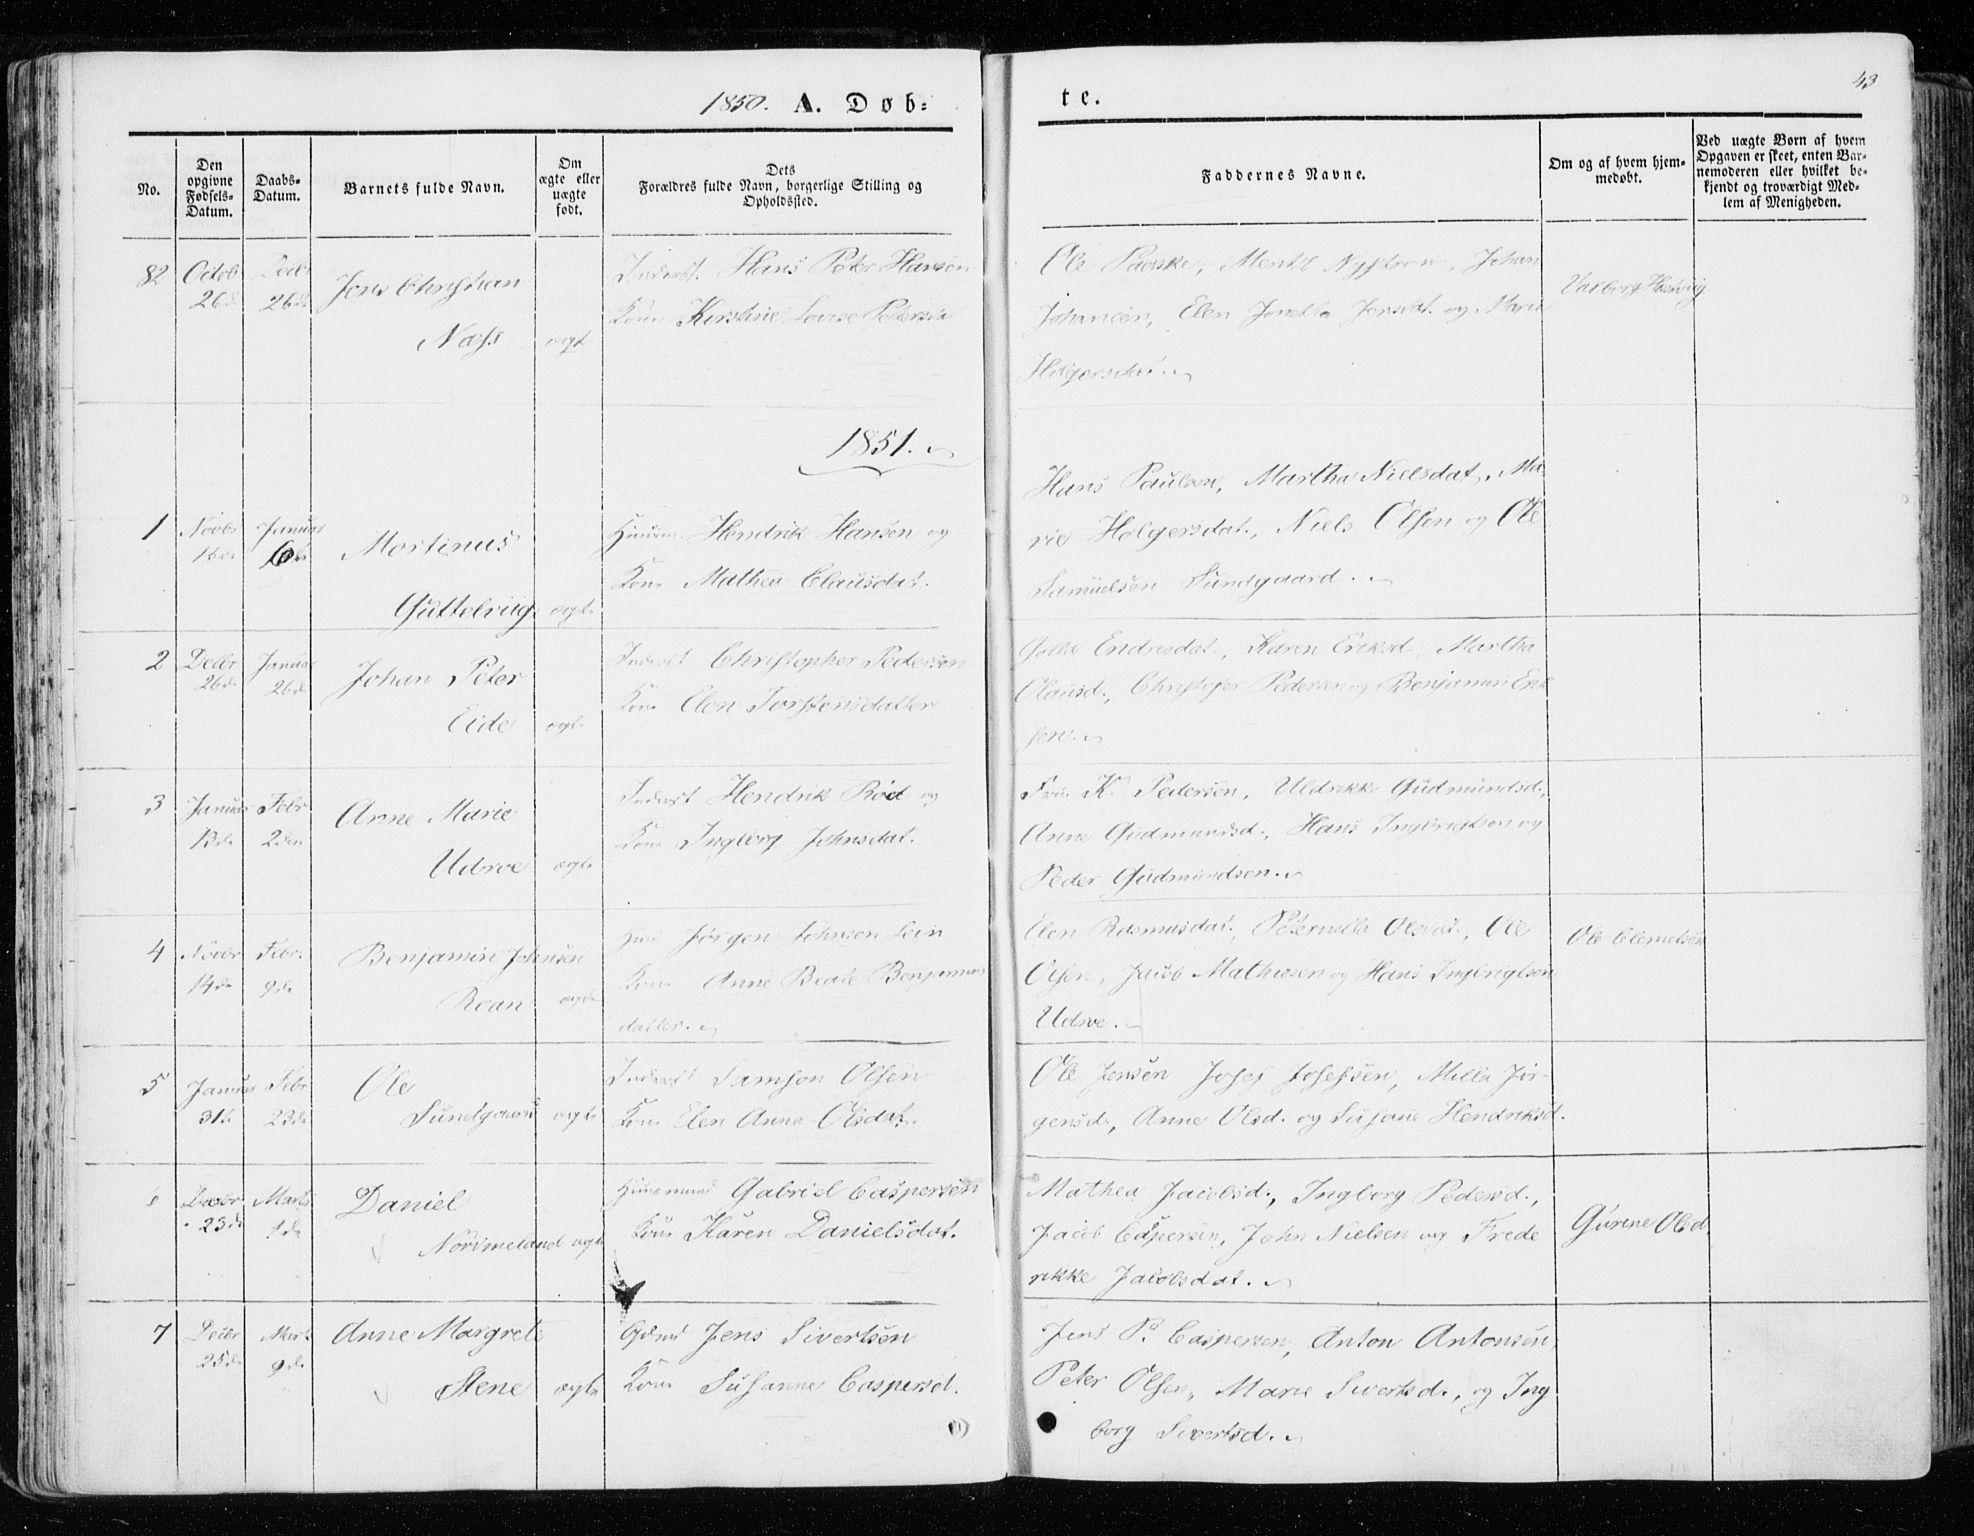 SAT, Ministerialprotokoller, klokkerbøker og fødselsregistre - Sør-Trøndelag, 657/L0704: Ministerialbok nr. 657A05, 1846-1857, s. 43